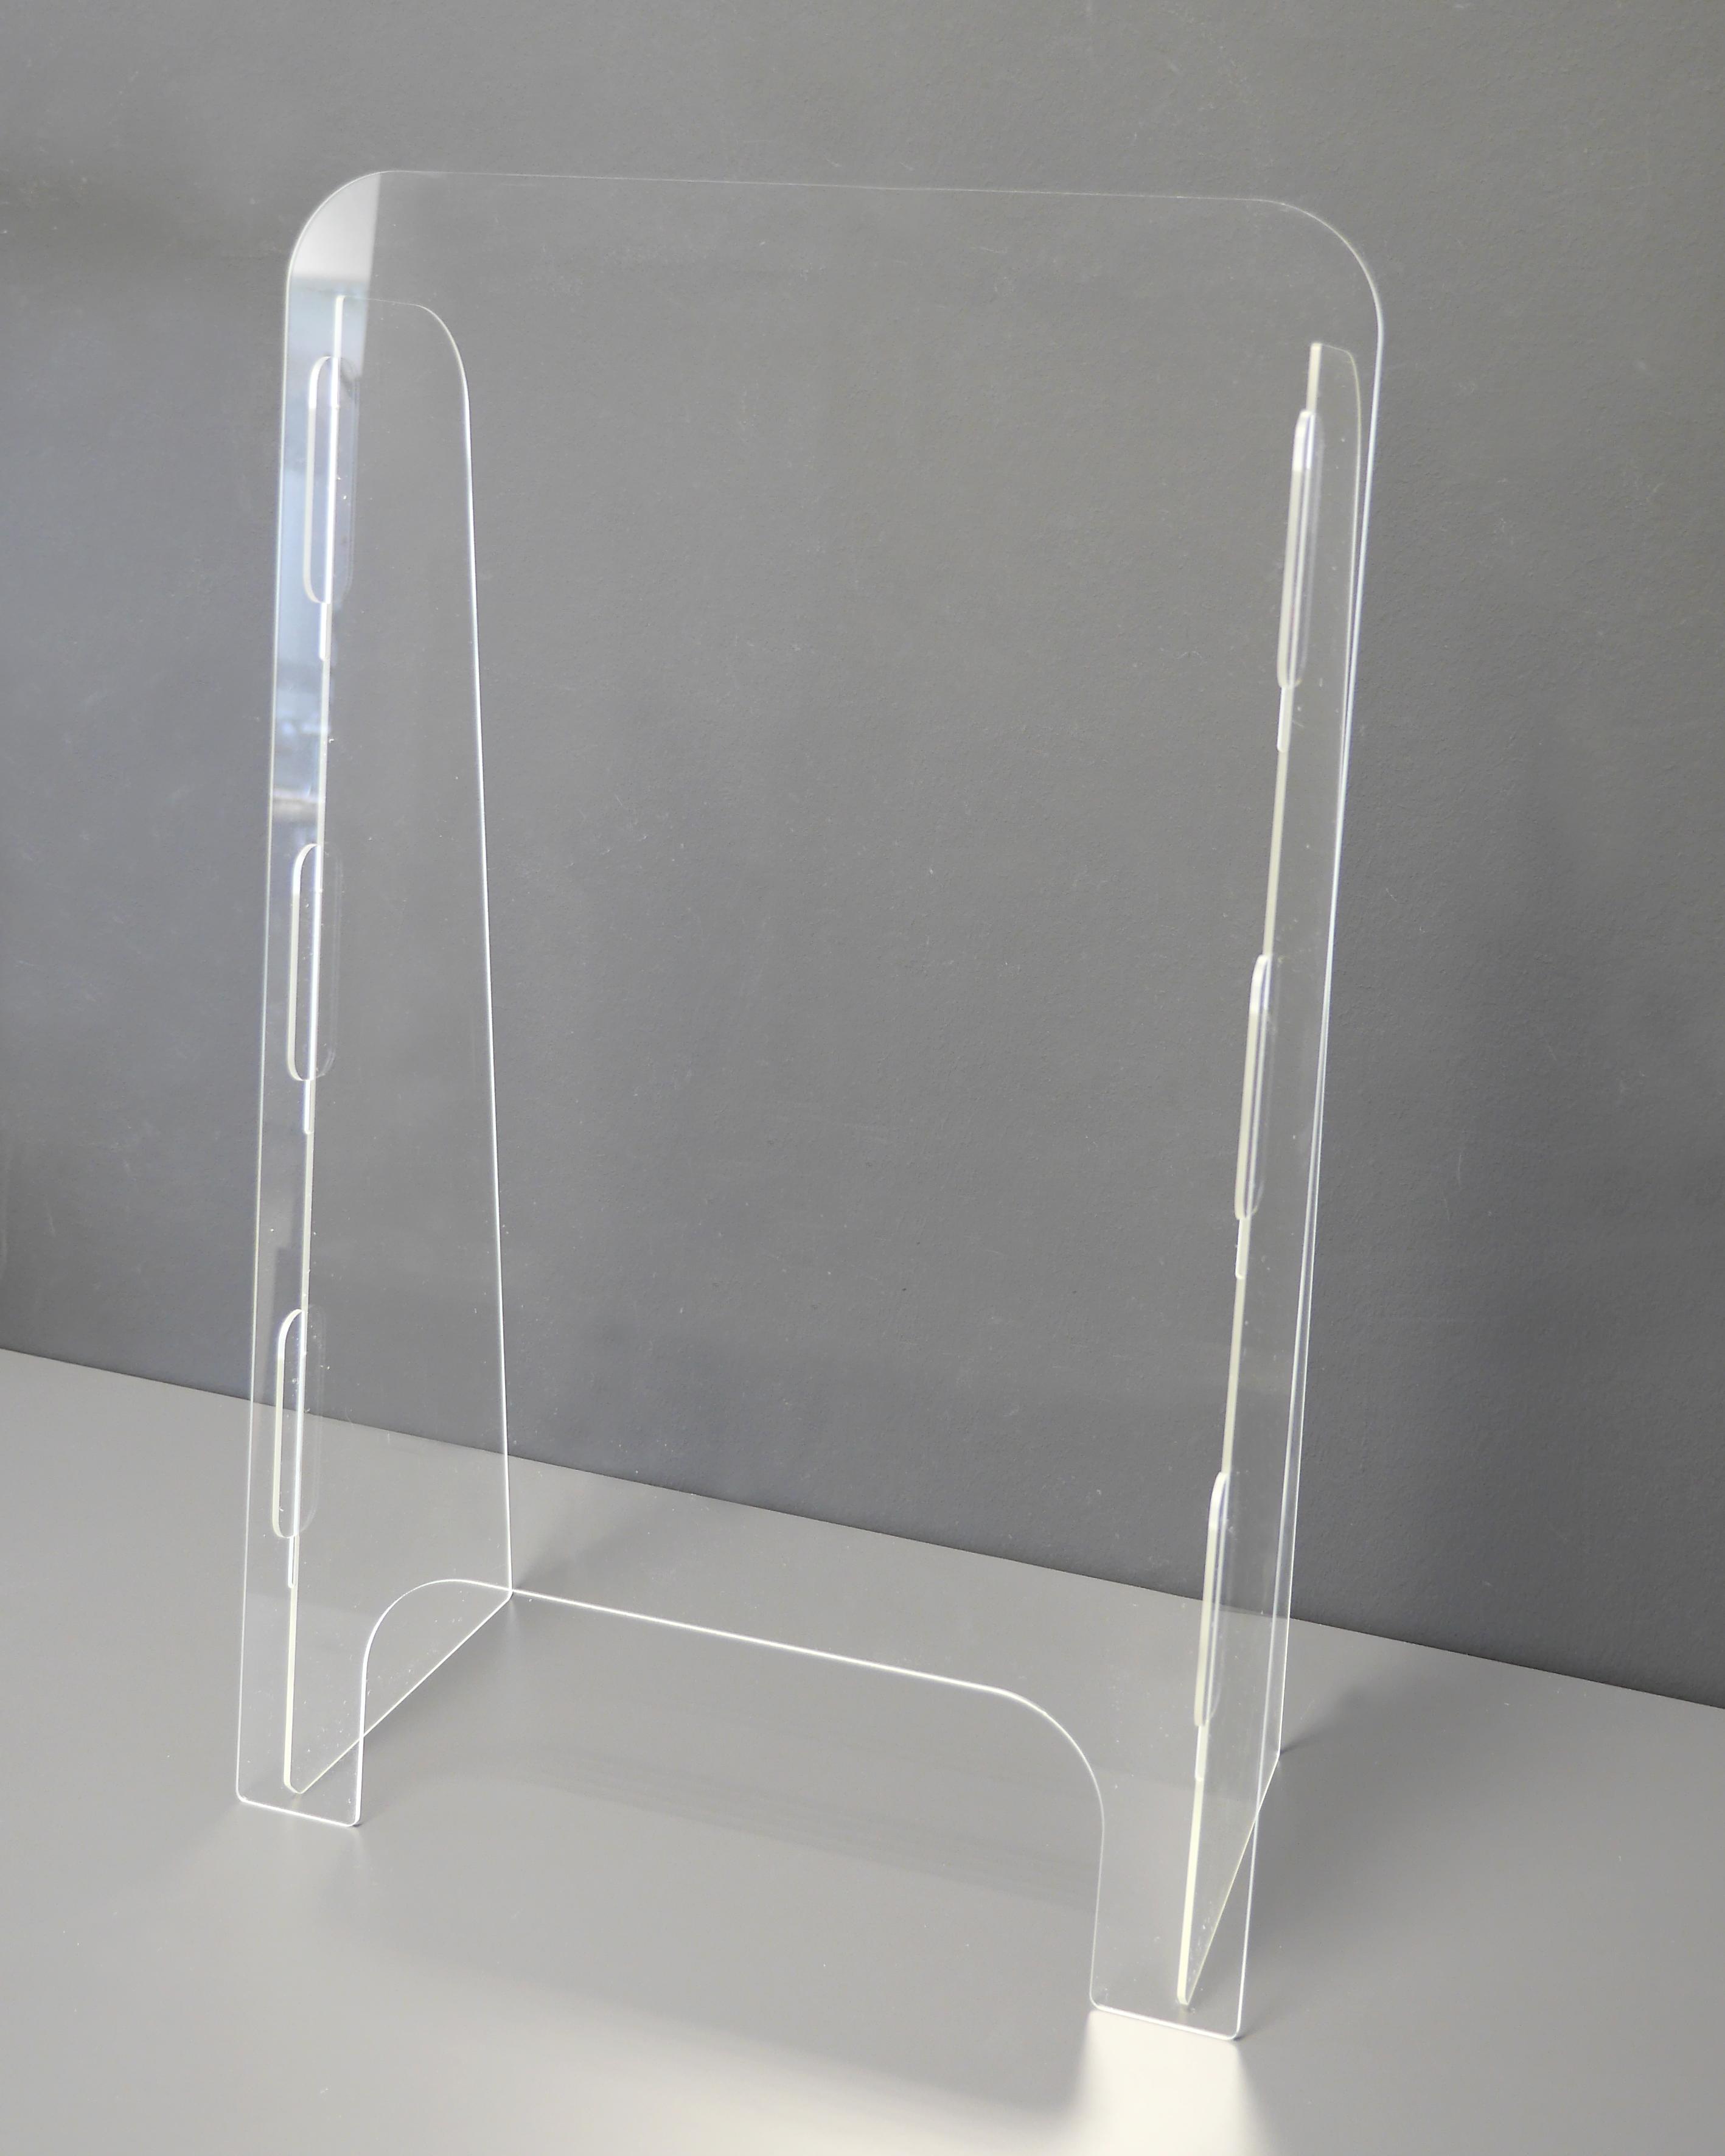 Mobile Kontakt- und Hygieneschutzwand -TOP Modul S